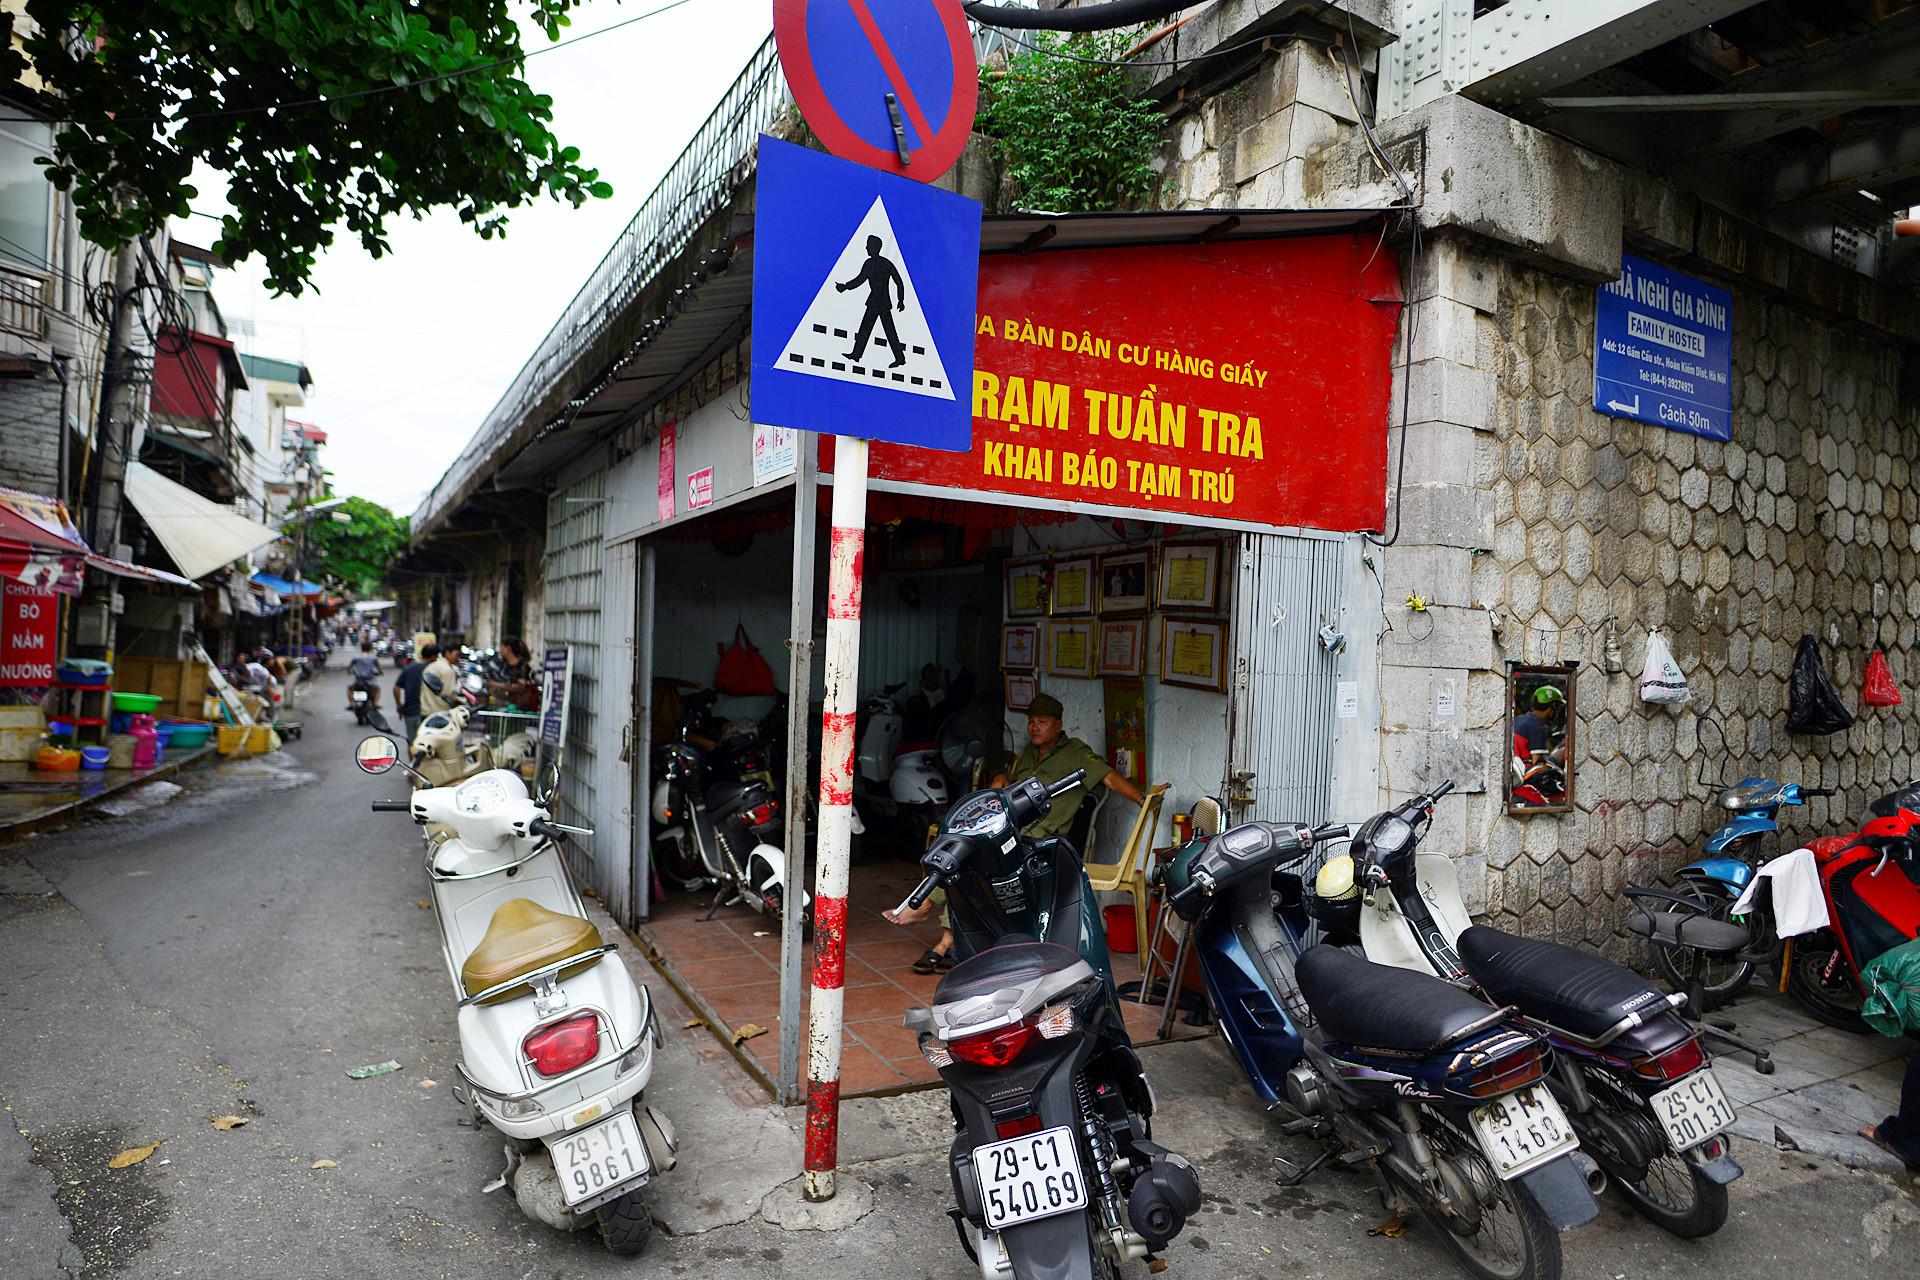 Đầu phố Gầm Cầu có trạm tuần tra, khai báo tạm trú của phường Hàng Giấy.